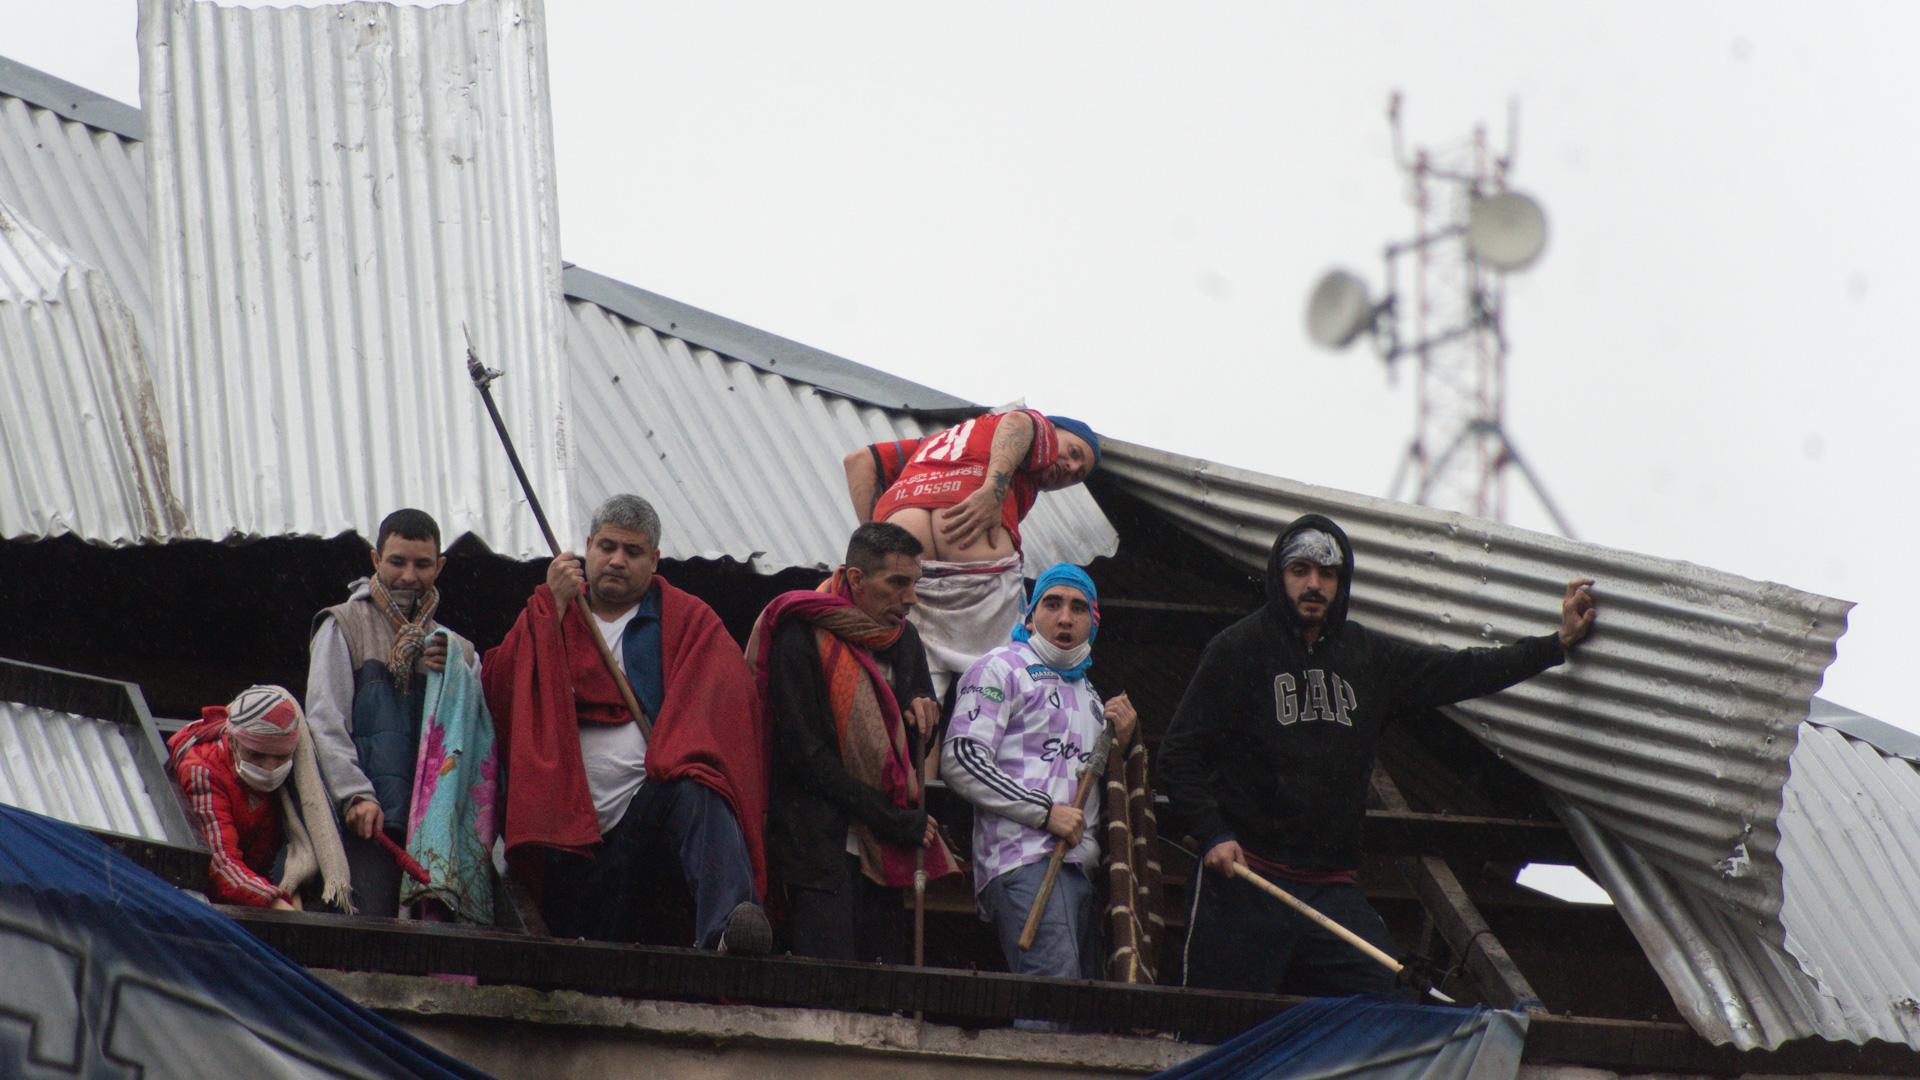 Protesta de presos en el penal de Devoto. La decisión de liberar reclusos por el Covid generó confusión e indignación en buena parte de la sociedad. (Adrián Escandar)